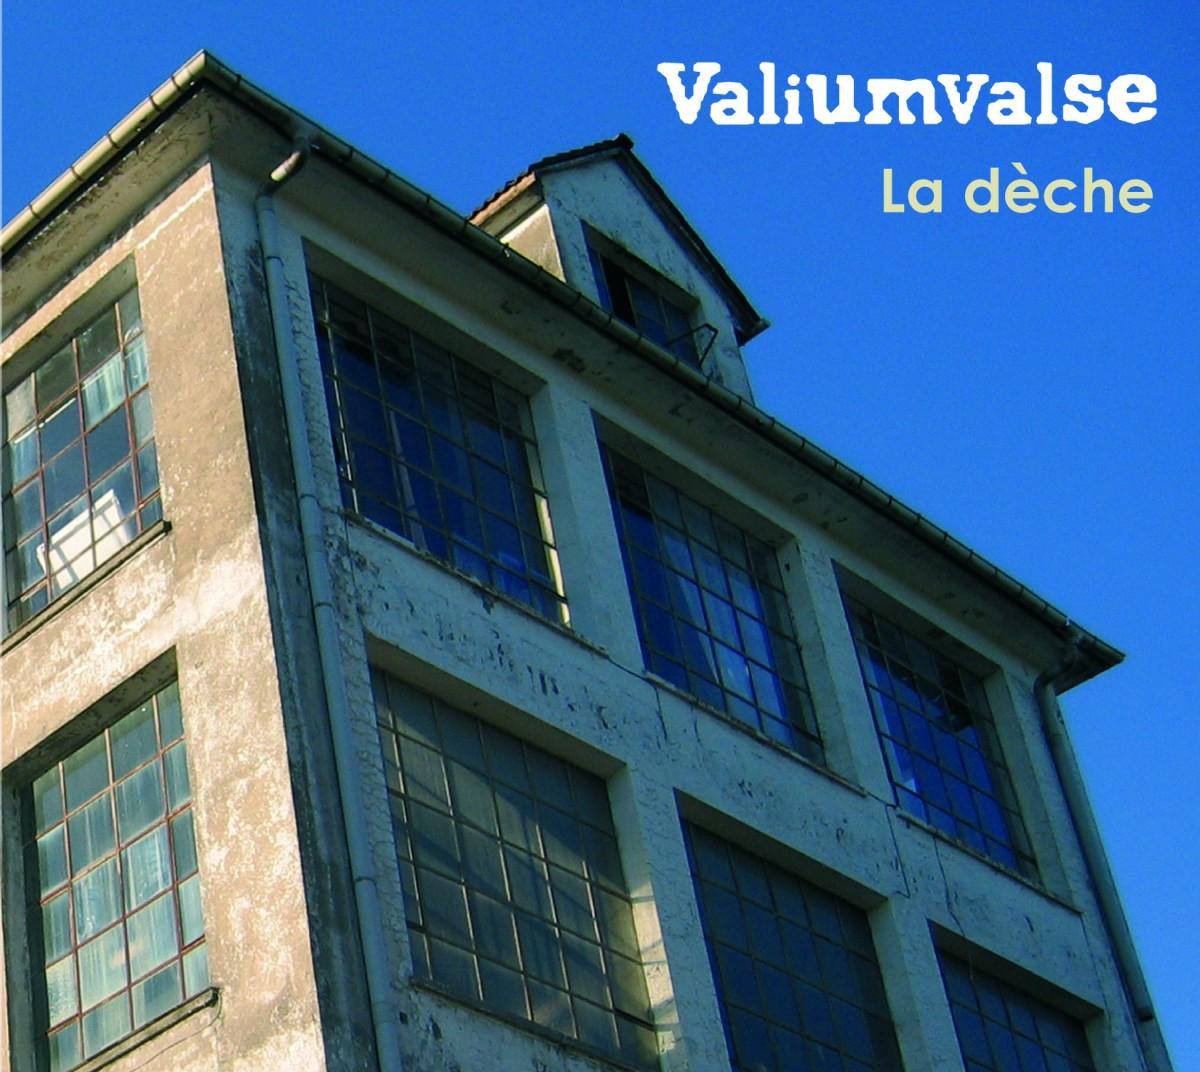 Album la dèche du groupe Valiumvalse